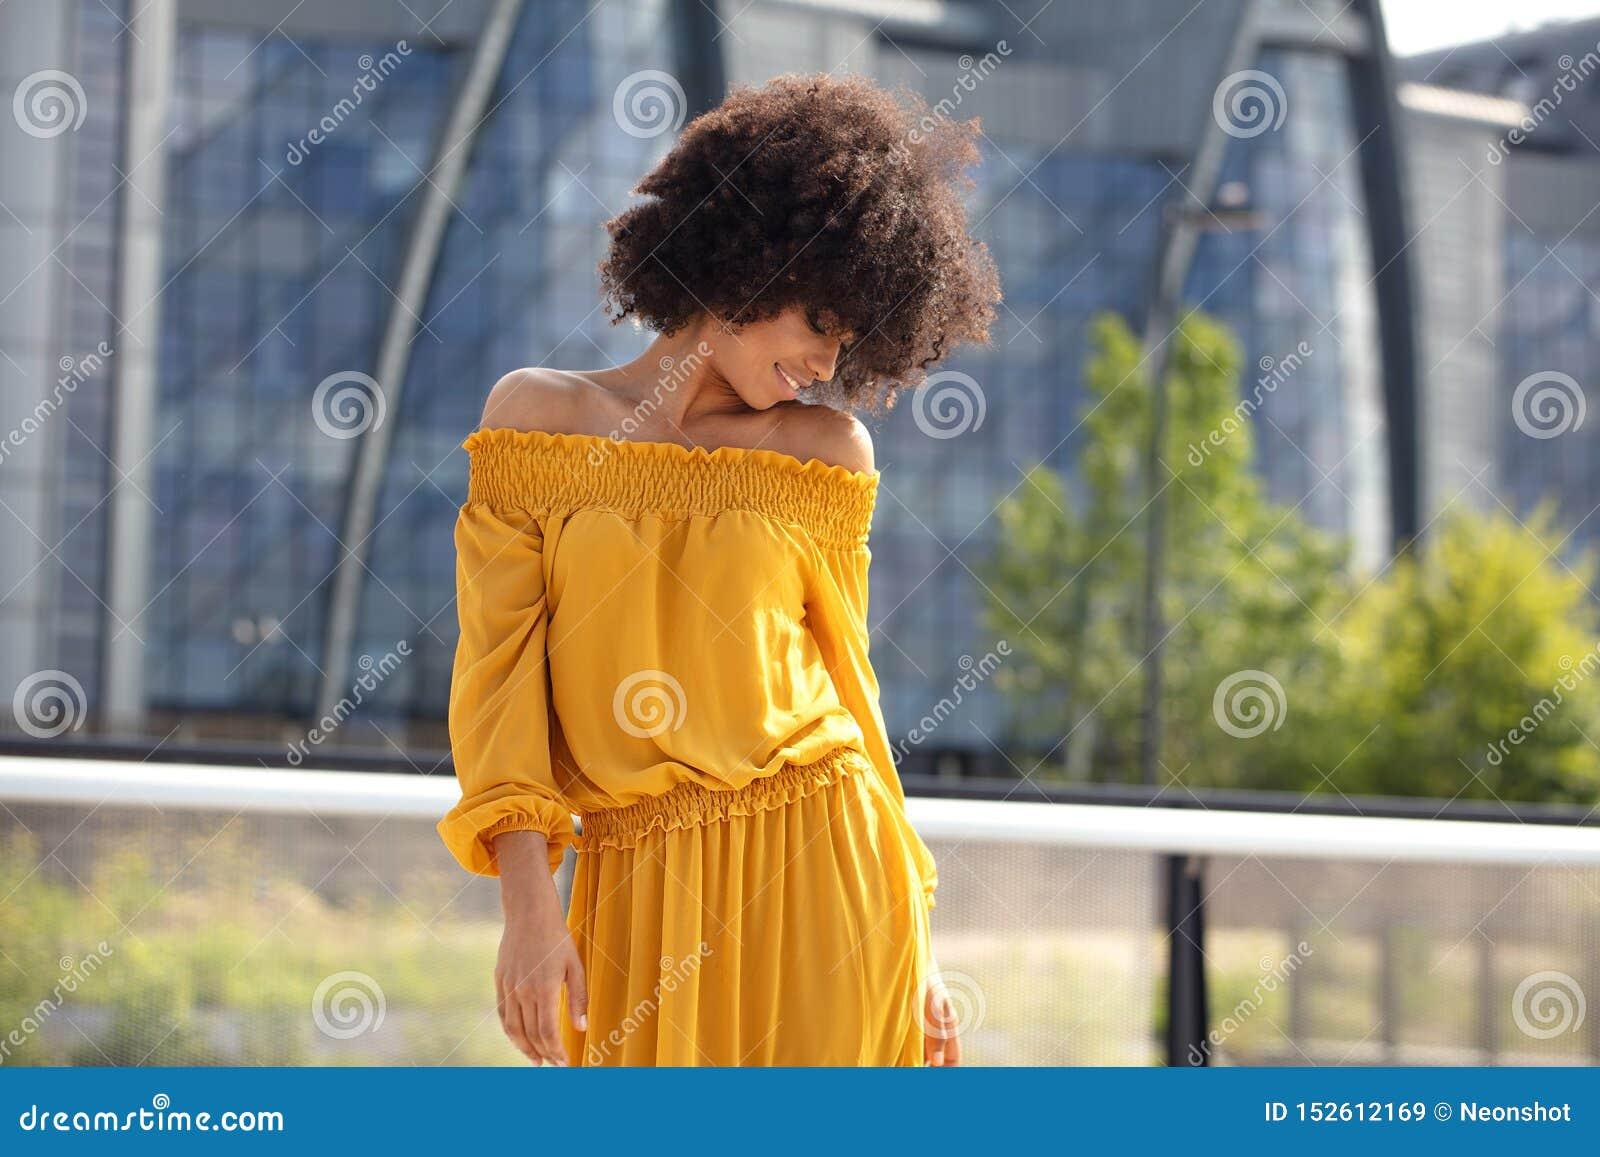 Portret van afromeisje in de stad